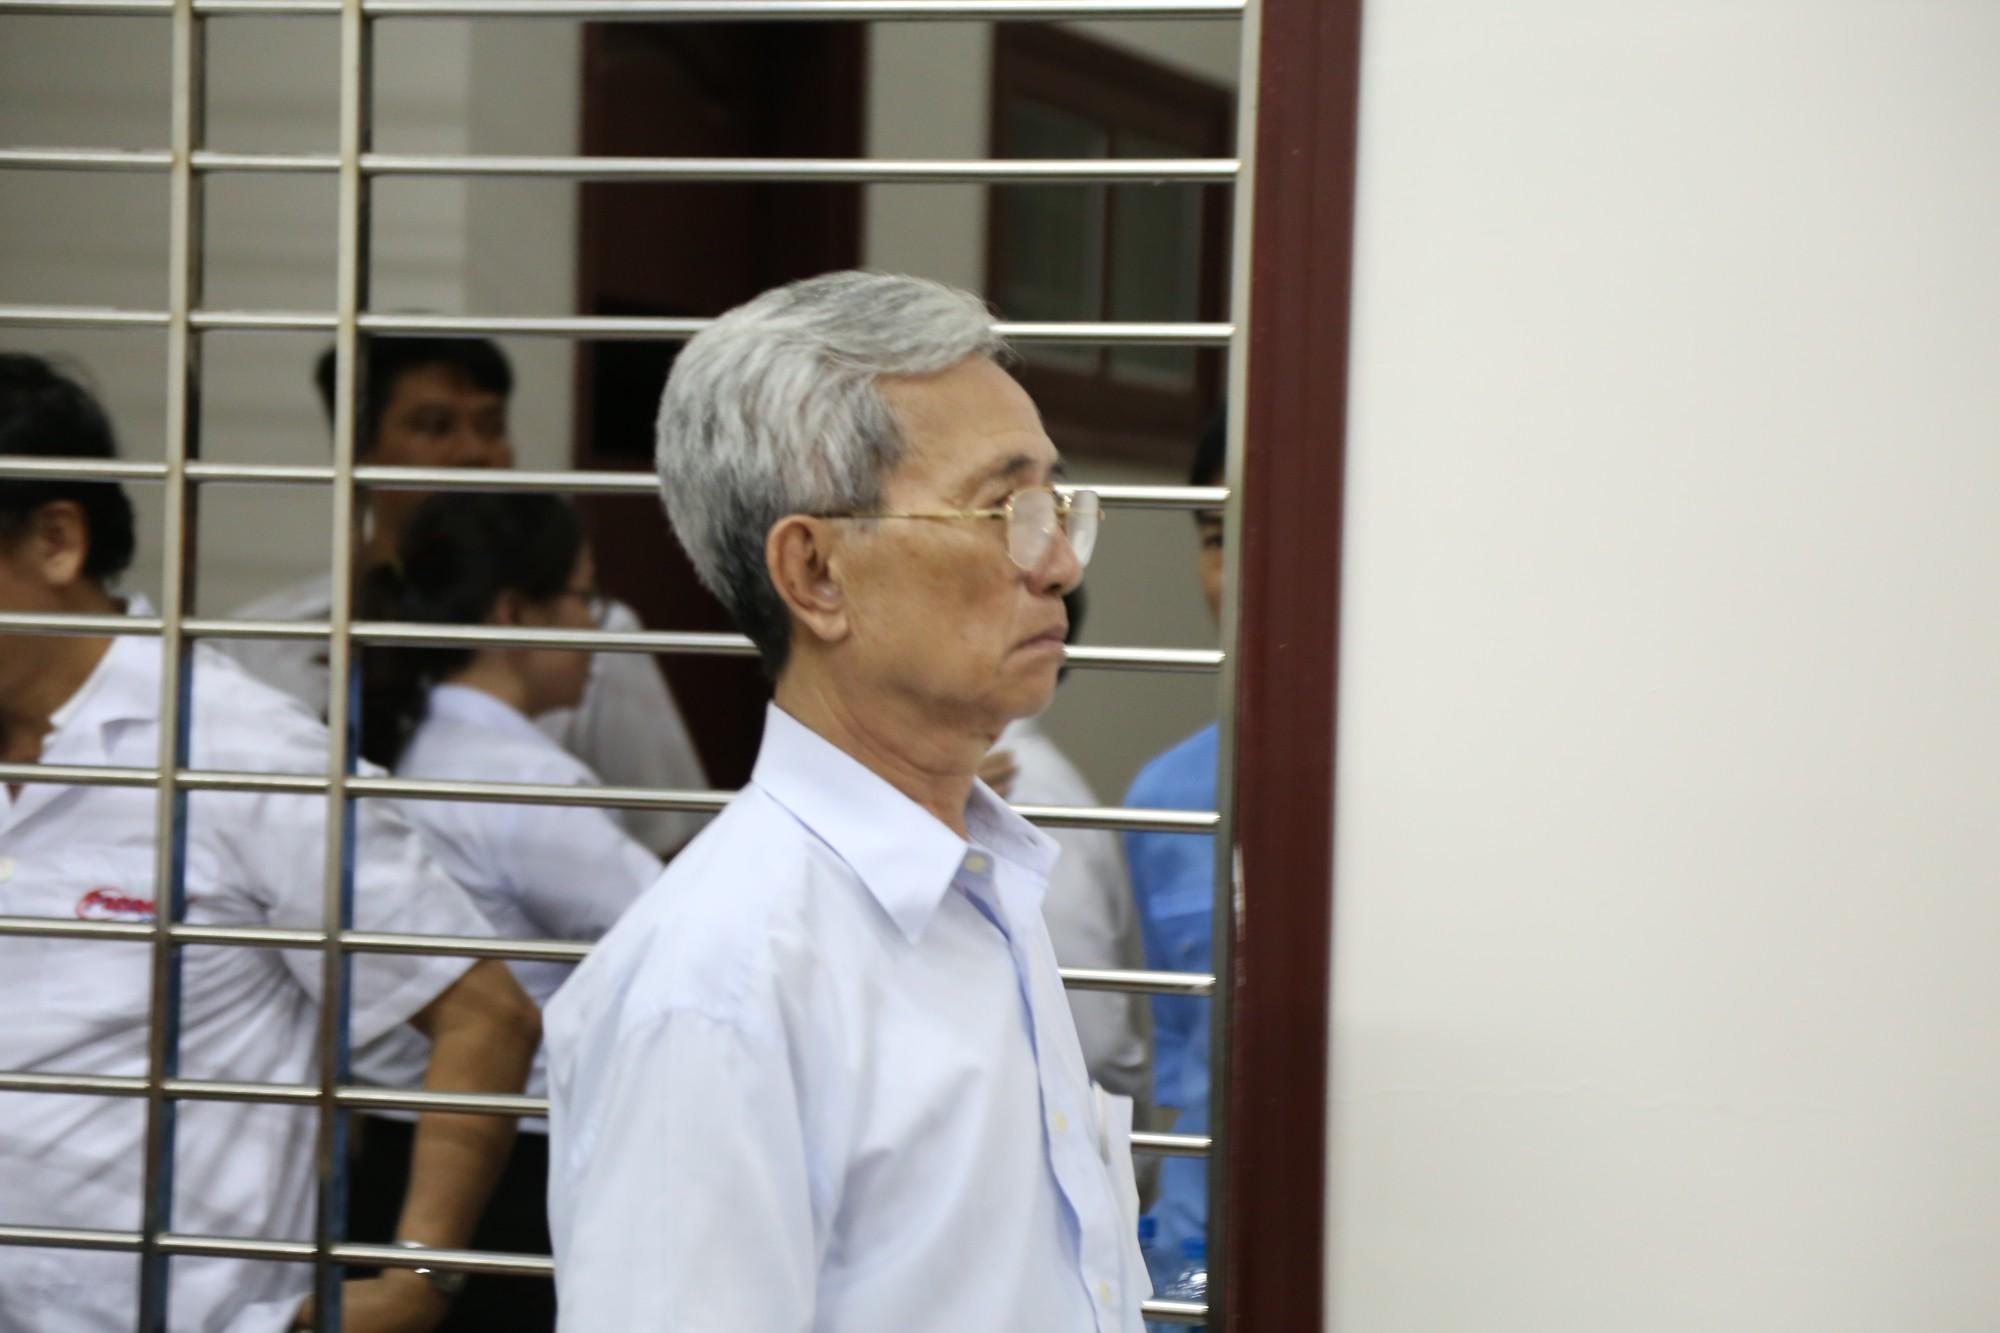 Tòa tuyên án 3 năm tù về tội Dâm ô đối với trẻ em, bị cáo 77 tuổi hét lớn: Tôi phản đối! - Ảnh 19.